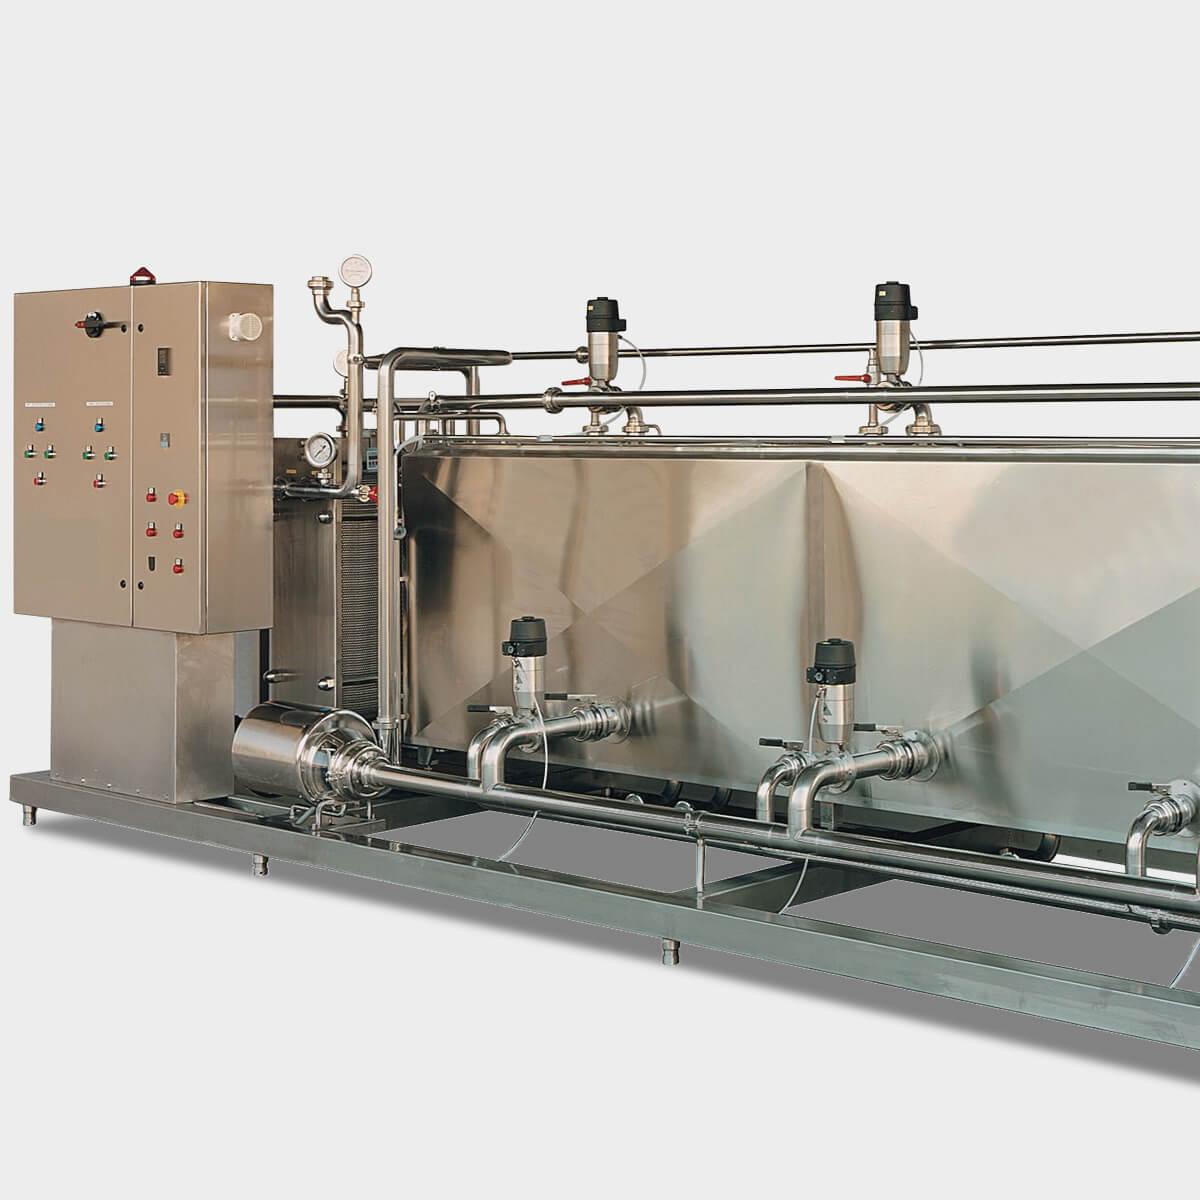 Impianto CIP per il lavaggio Automatico - Casearmeccanica Vicentina cop2